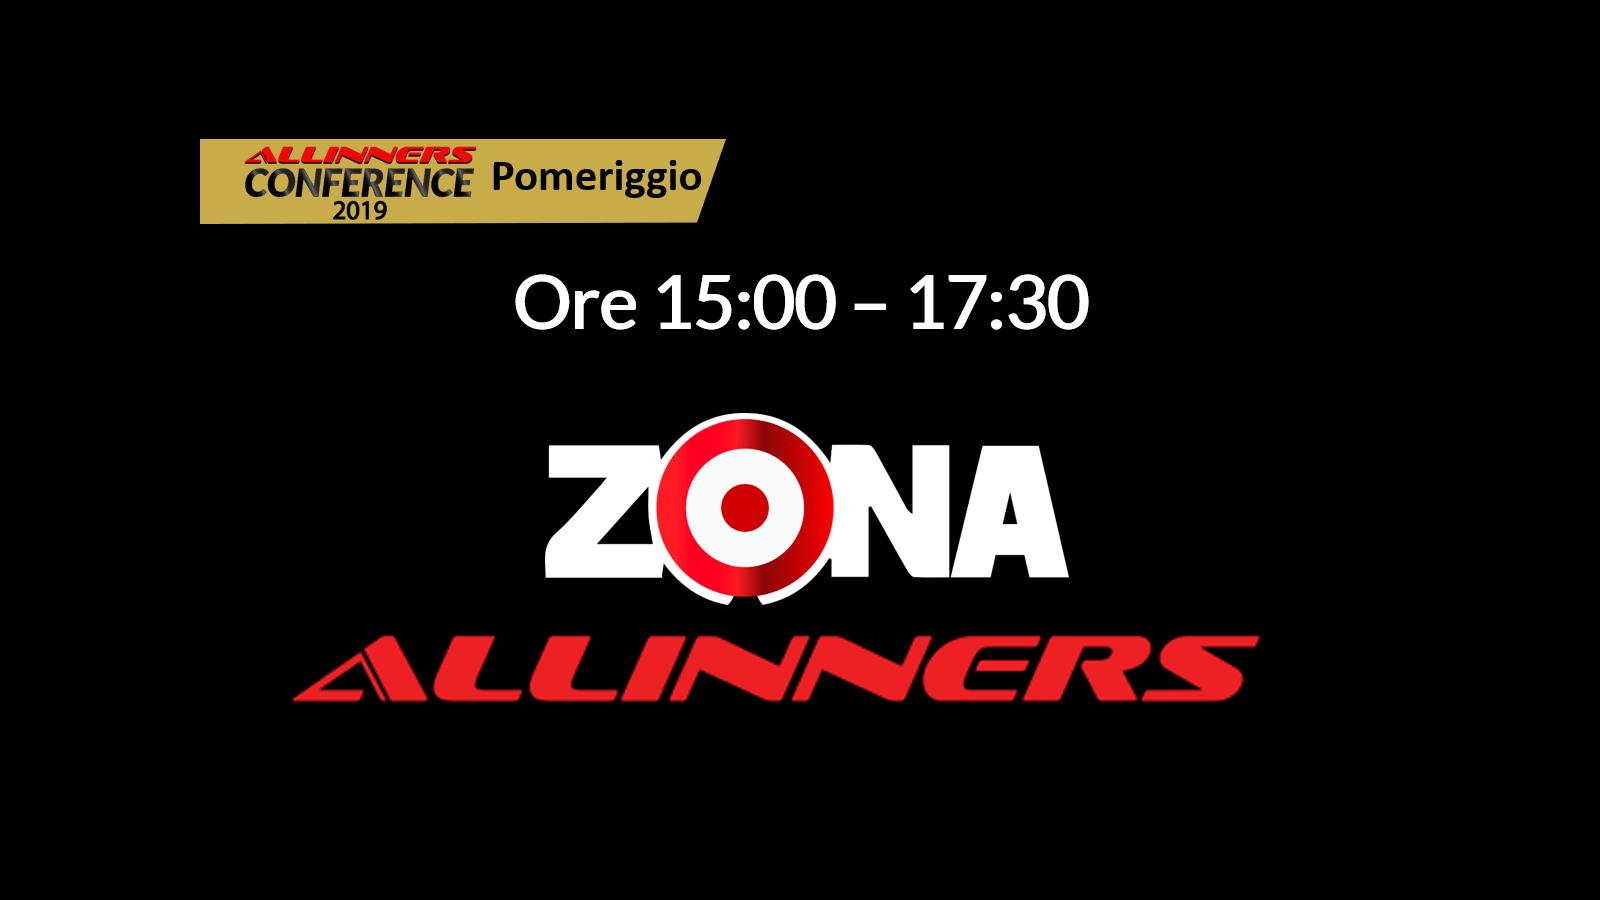 zona allinners